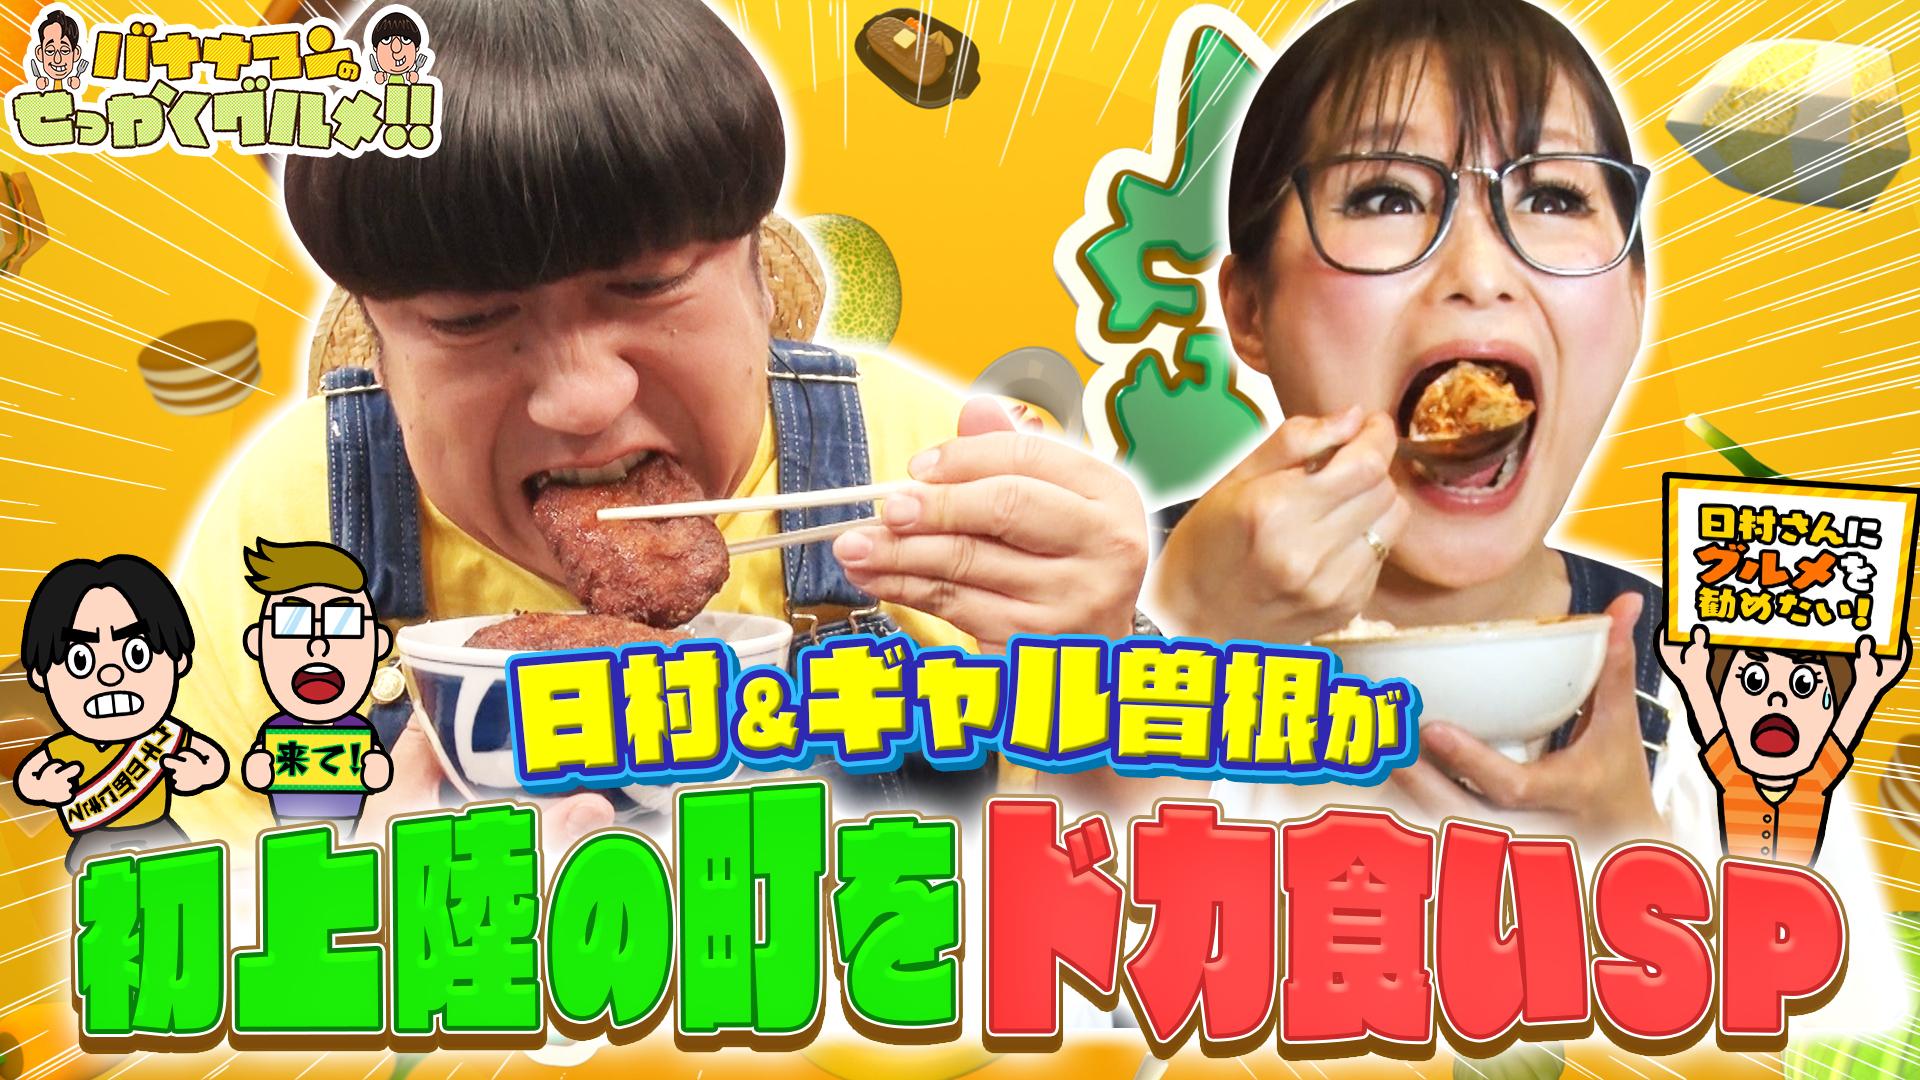 バナナマンのせっかくグルメ!! #141 SP 2021/06/13 放送分